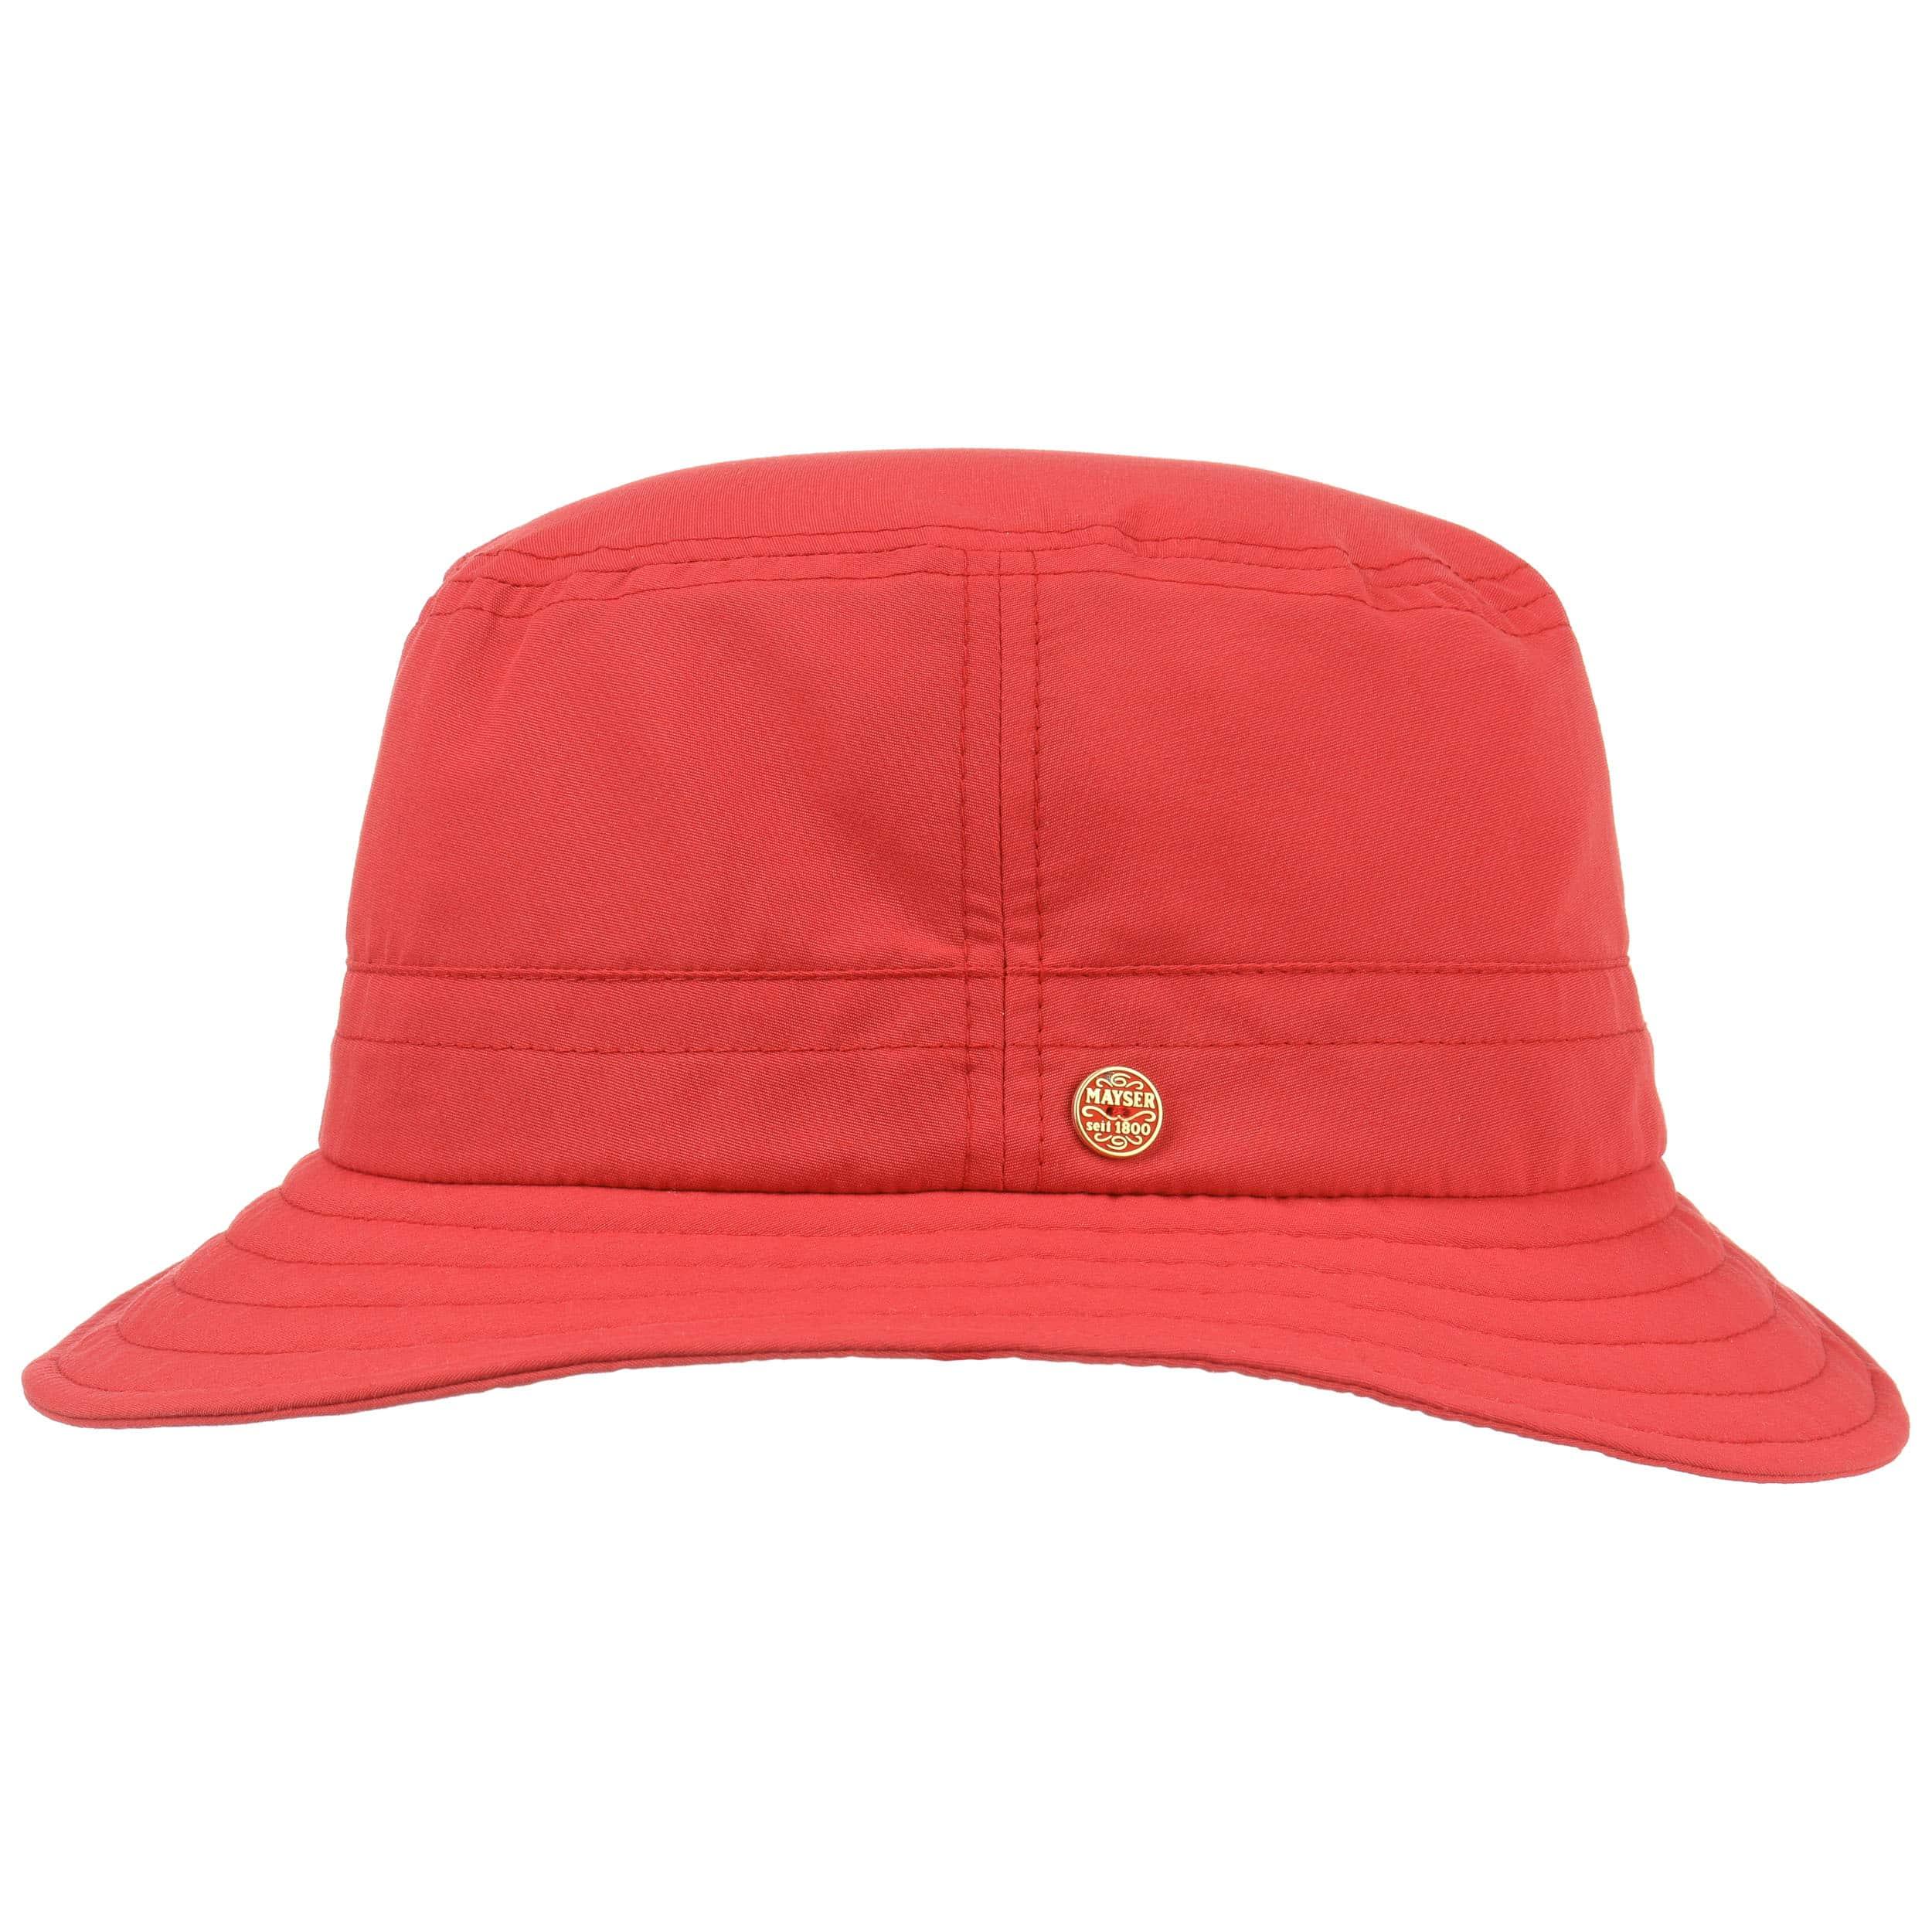 Sombrero de sol Protección UV by Mayser - Sombreros - sombreroshop.es c46fa075700